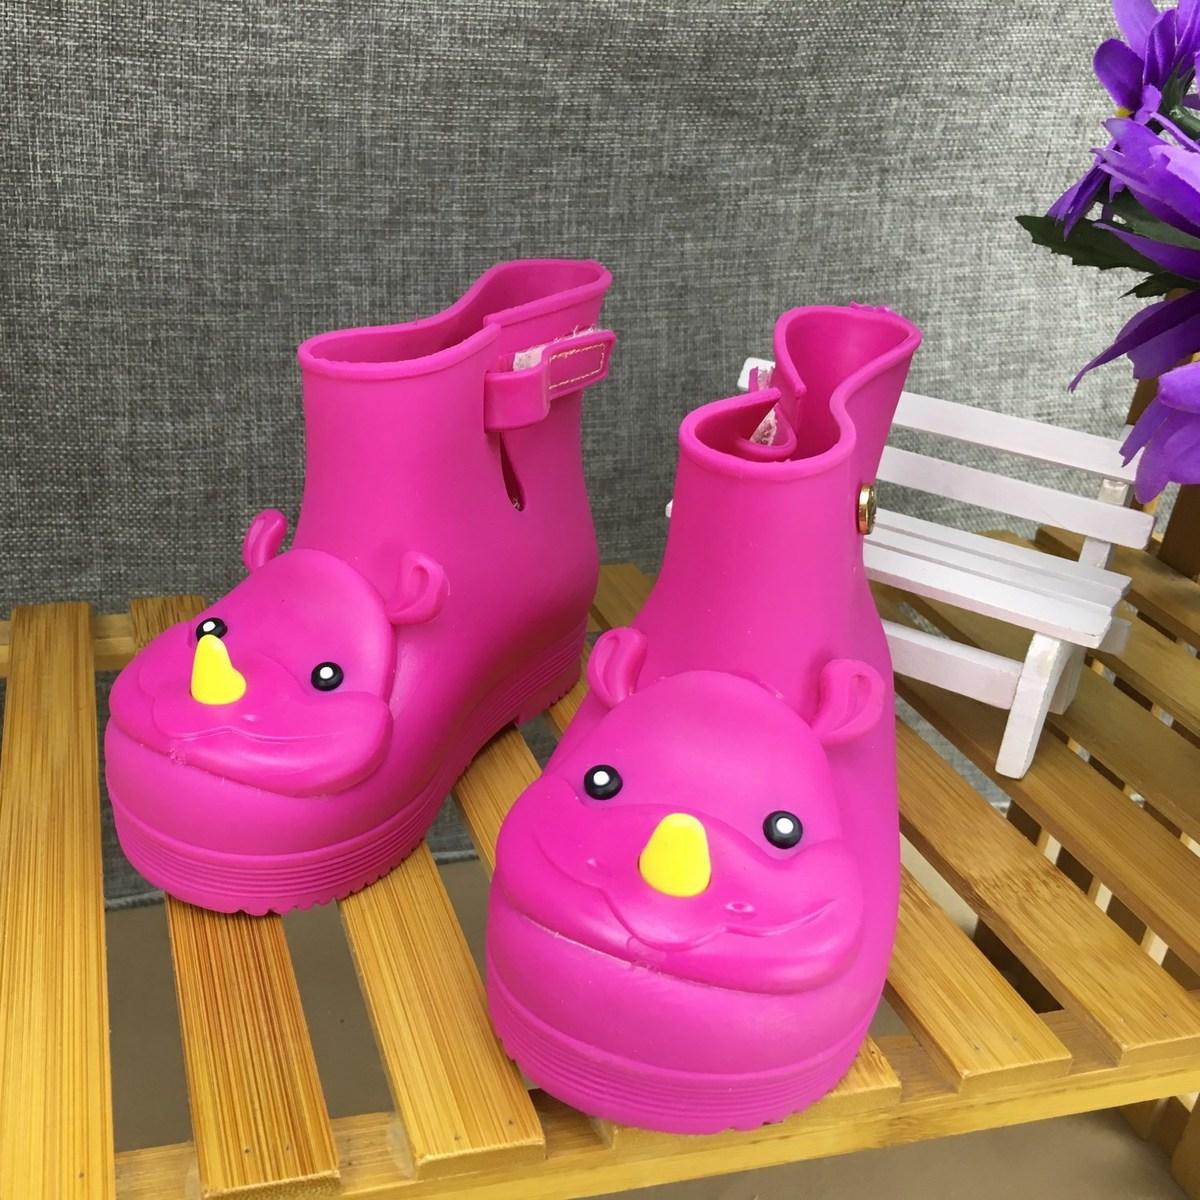 Bottes de pluie pour enfants nouveau anti-dérapant garçons filles couleur unie tête de rhinocéros gelée bas baril bébé chaussures de pluie imperméable Eur 25-29 #2